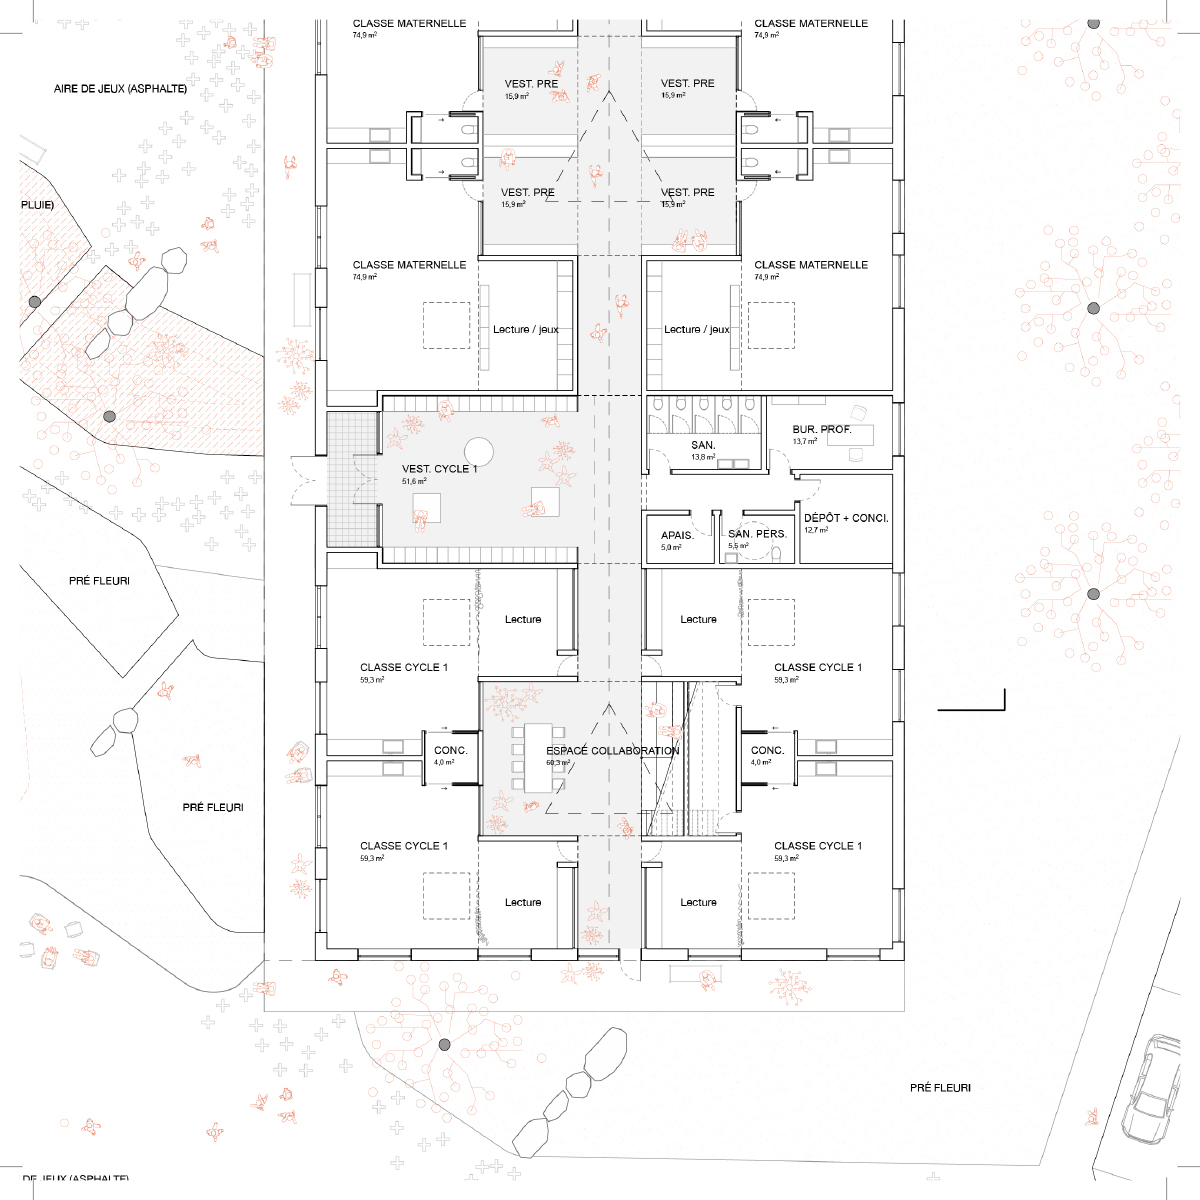 Plan d'une salle de classe par Pelletier de Fontenay et Leclerc Architectes, pour le concours du Lab-École à Shefford, présenté dans le cadre de l'exposition «Devoirs d'architecture».